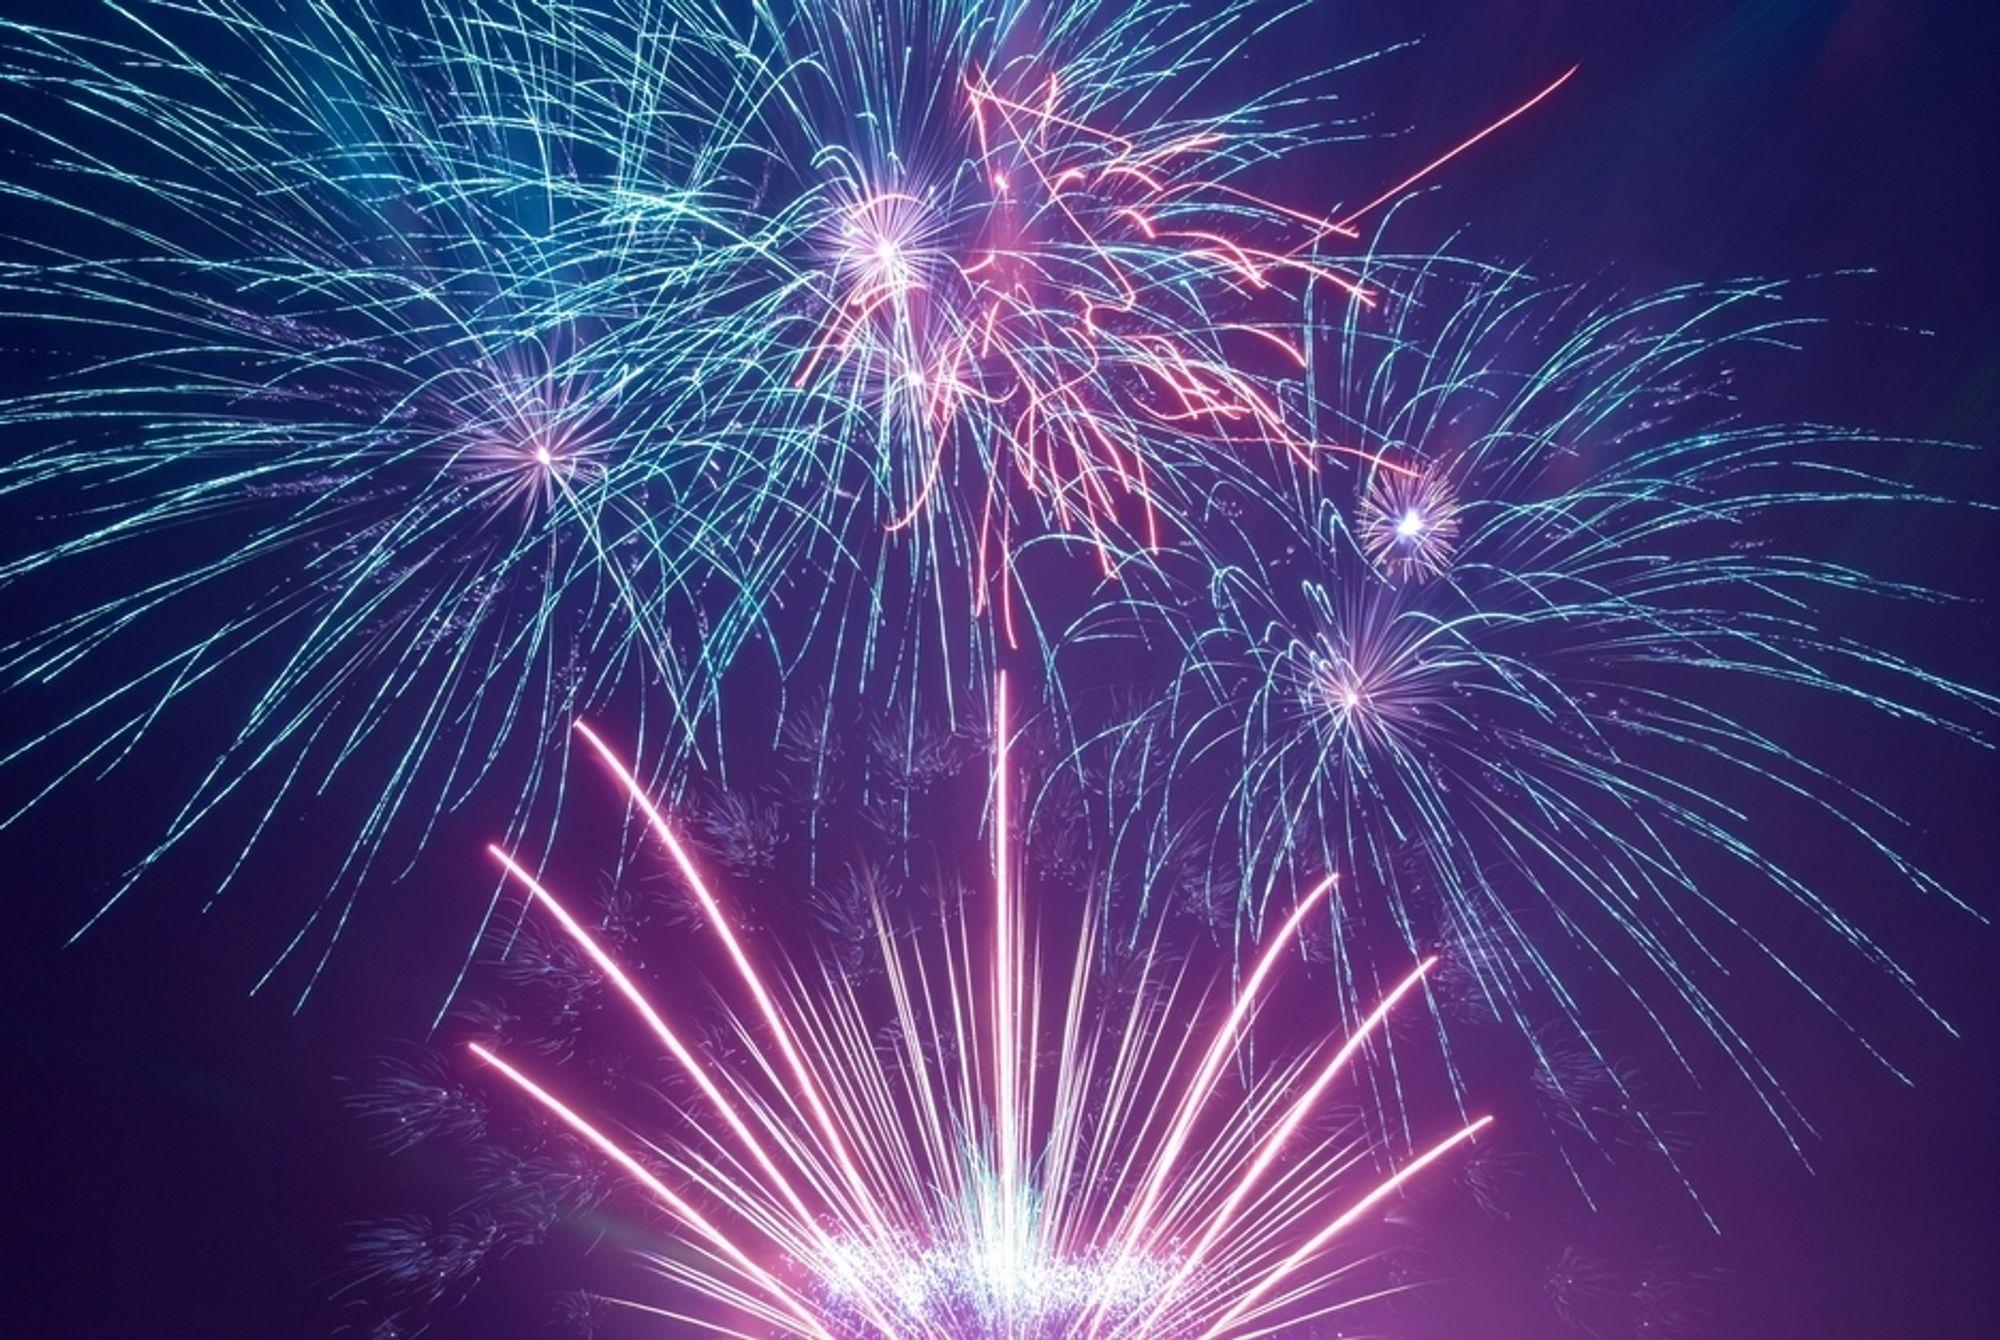 2011 er over, og vi vil ønske alle lesere et godt 2012.